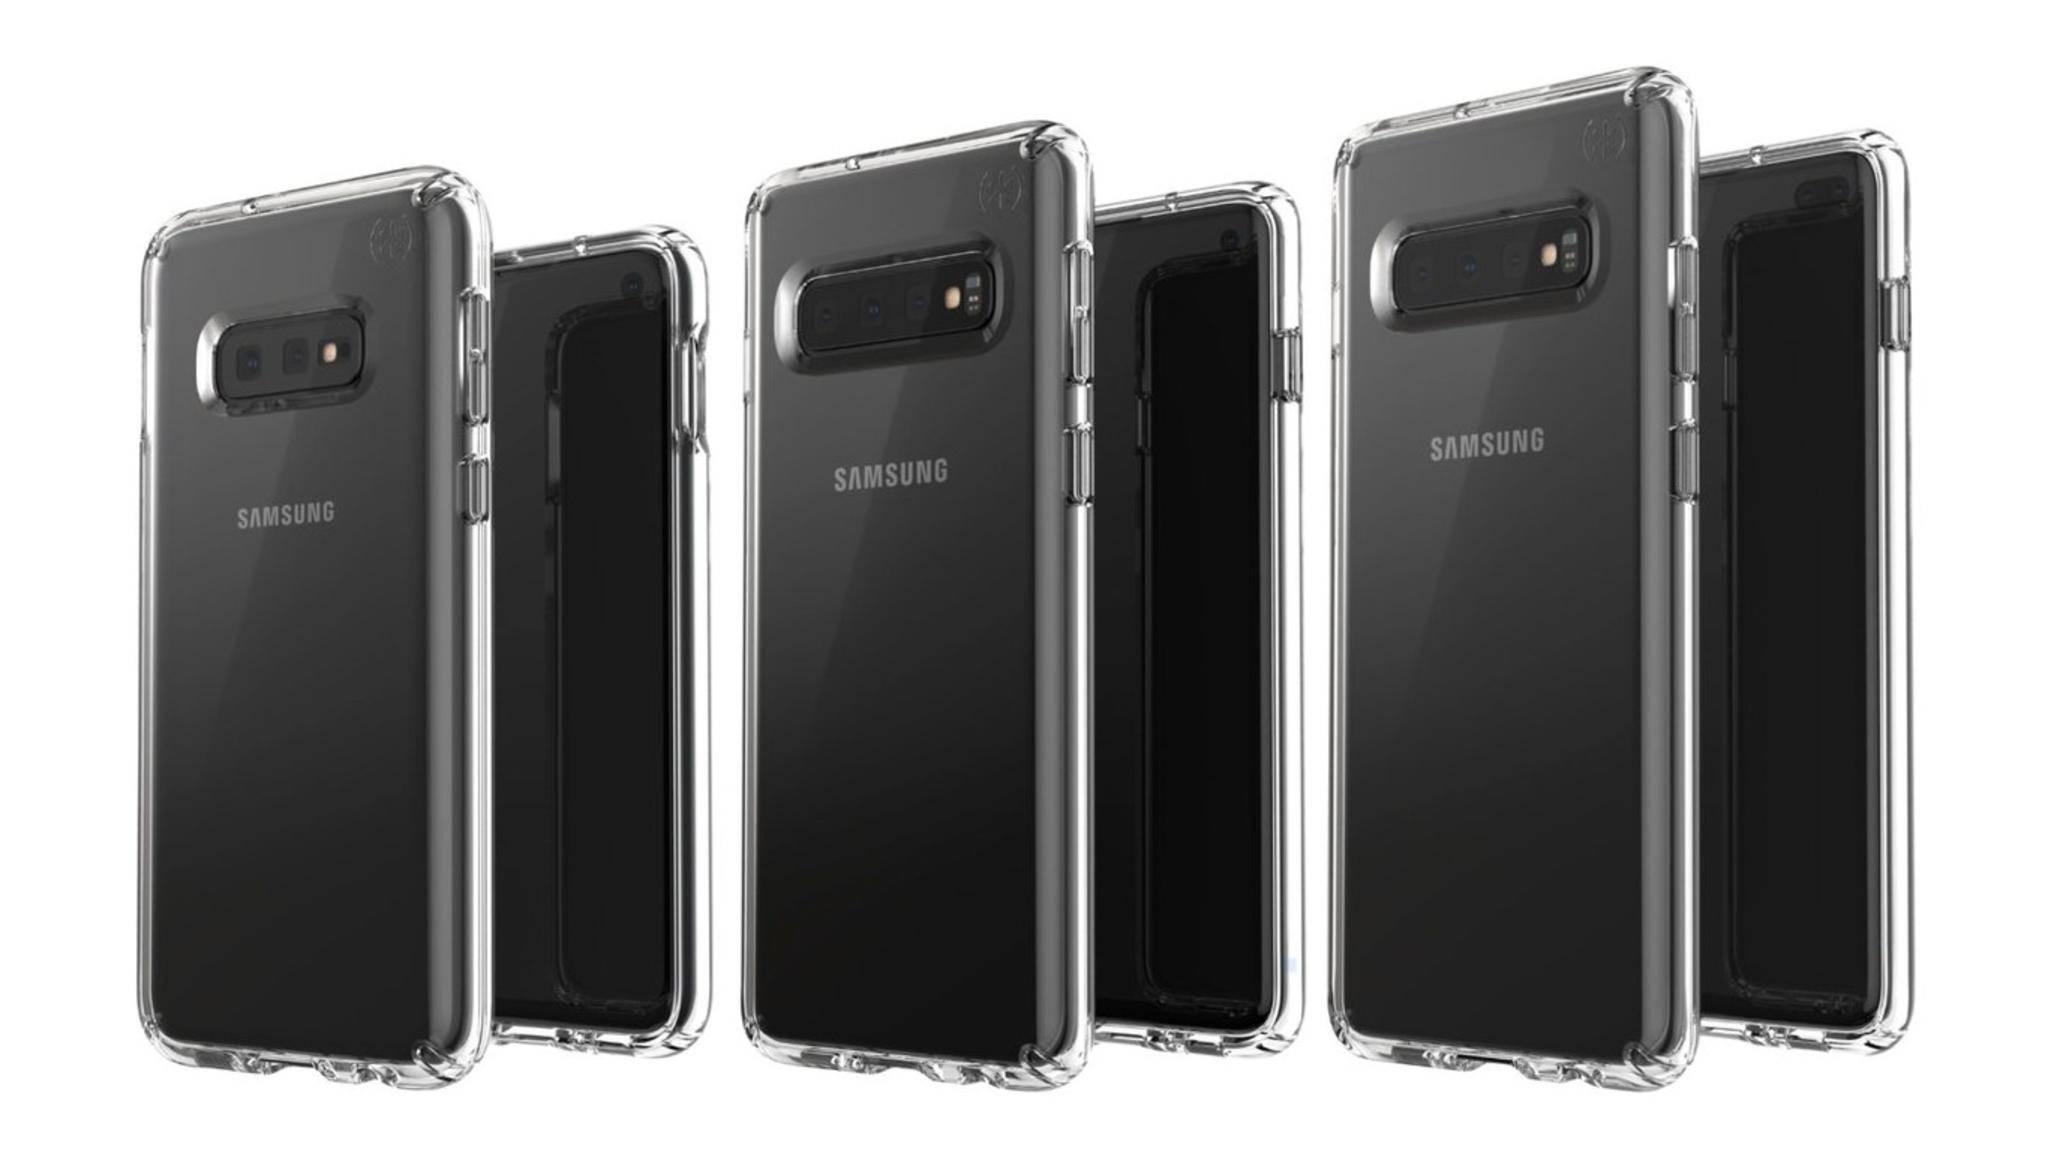 Hier sind angeblich das Galaxy S10E, das S10 und das S10 Plus zu sehen (von links nach rechts).